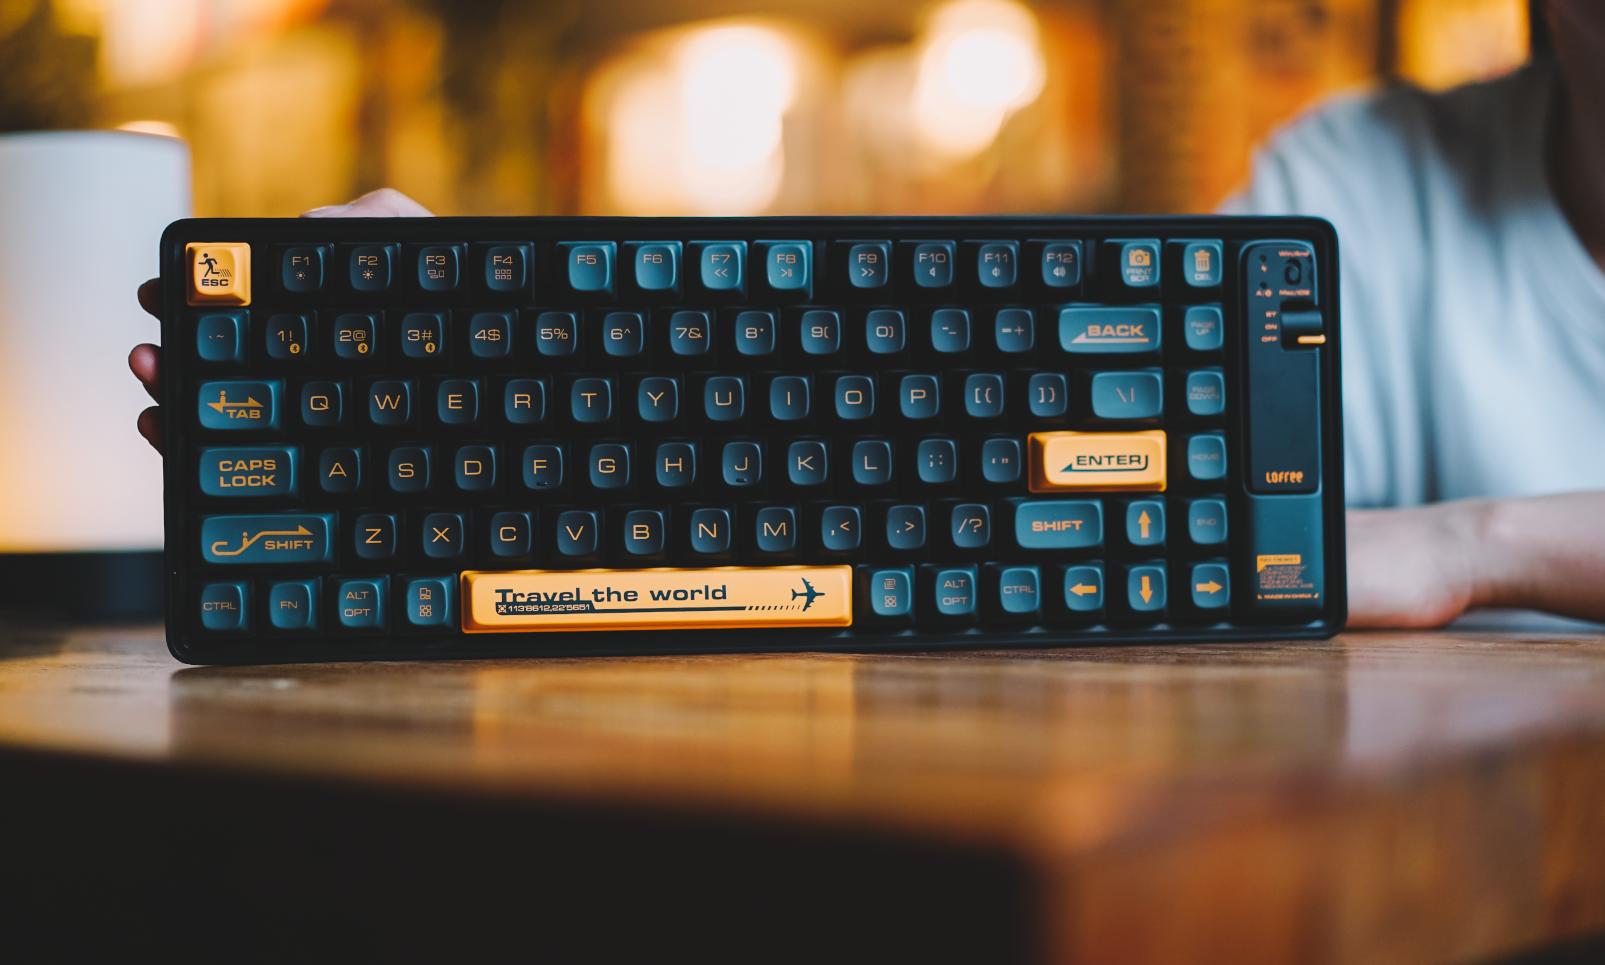 图片[31]-以浪为名,Lofree洛斐小浪蓝牙机械键盘适合外出携带的小机械键盘-G-Suite